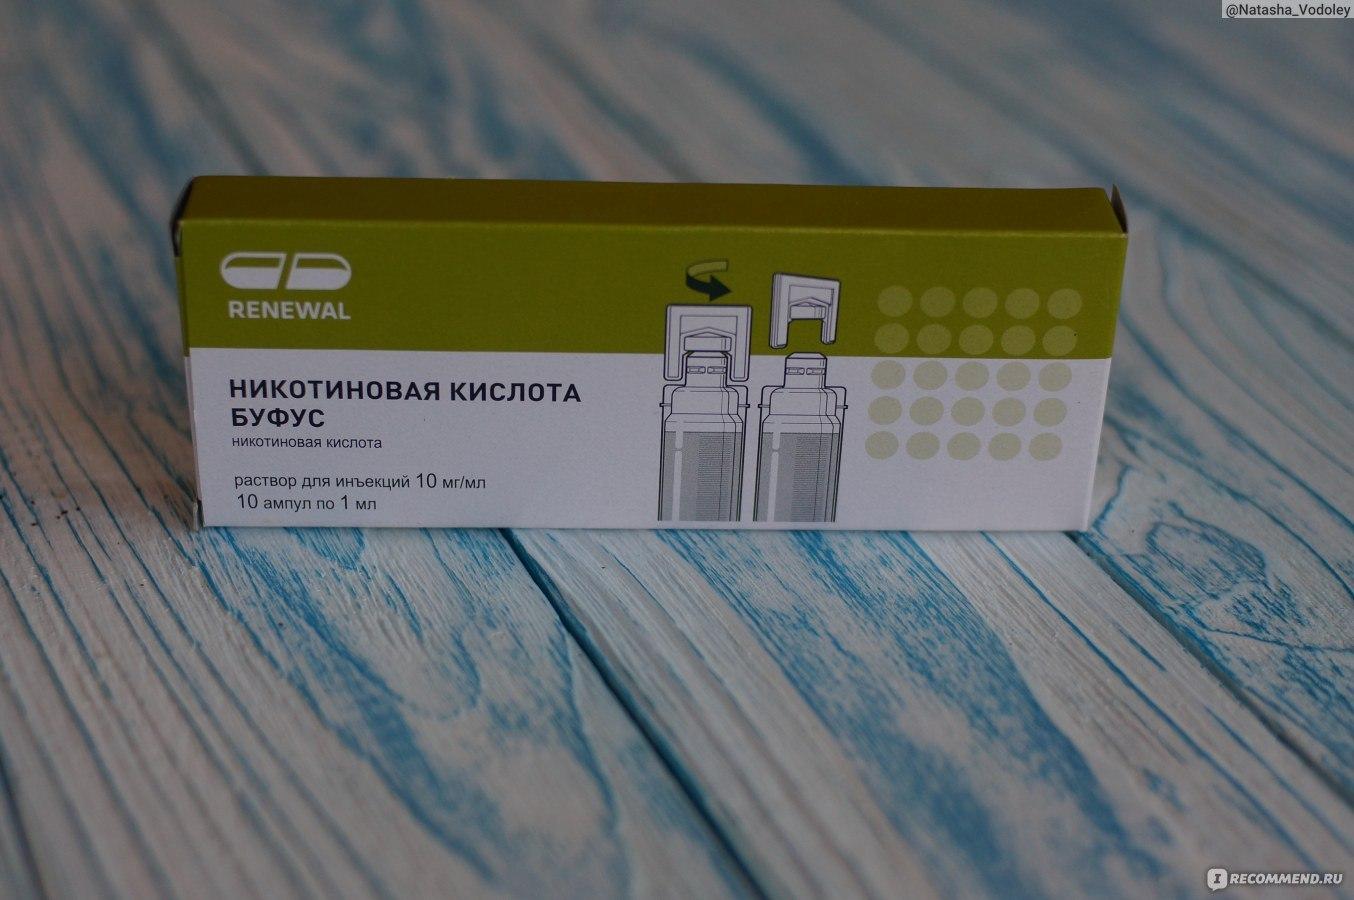 Никотиновая кислота renewal для волос 5мл 10 ампулы буфус